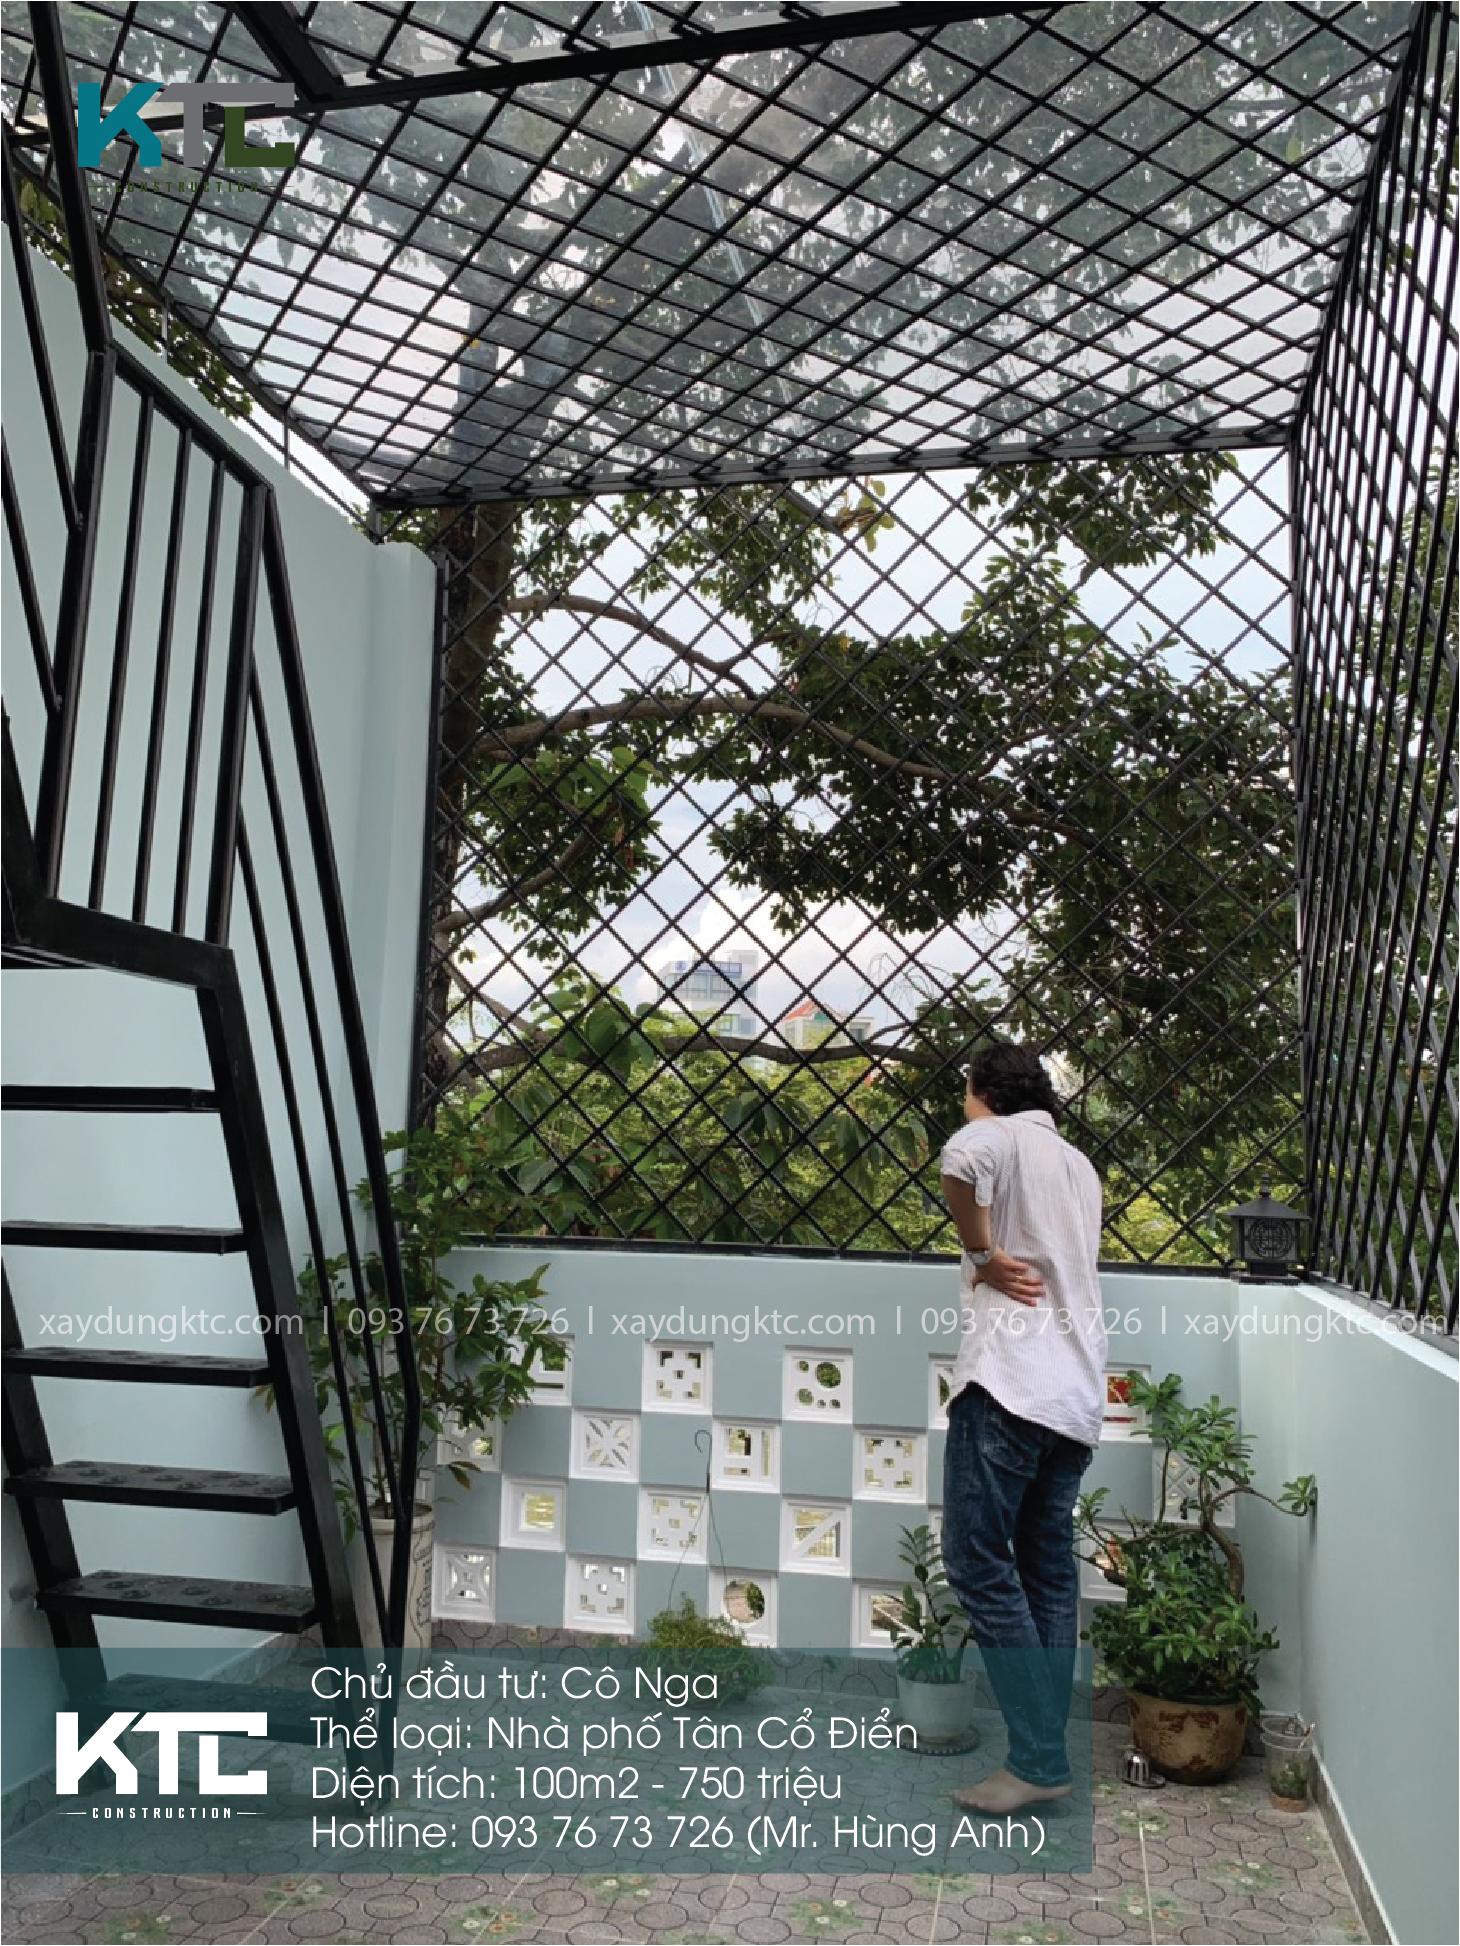 sân thuojwngj cũng là không gian để gia chủ trồng cây, thư giãn